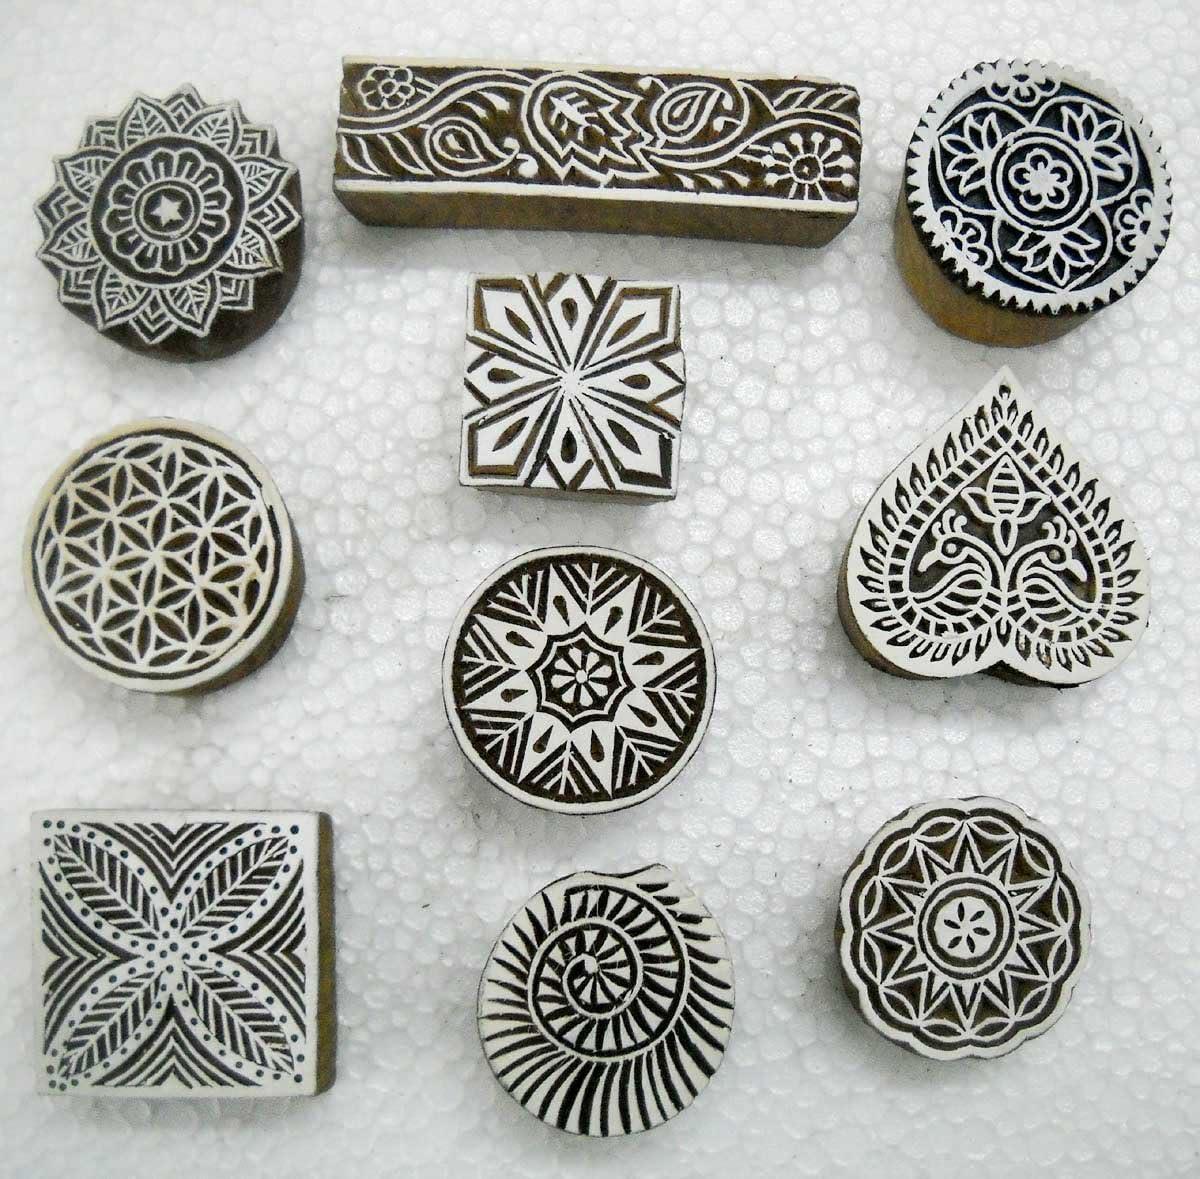 Lotto all ingrosso di 10/classico design in legno Block stamp//Tattoo//Indian Textile Printing Blocks